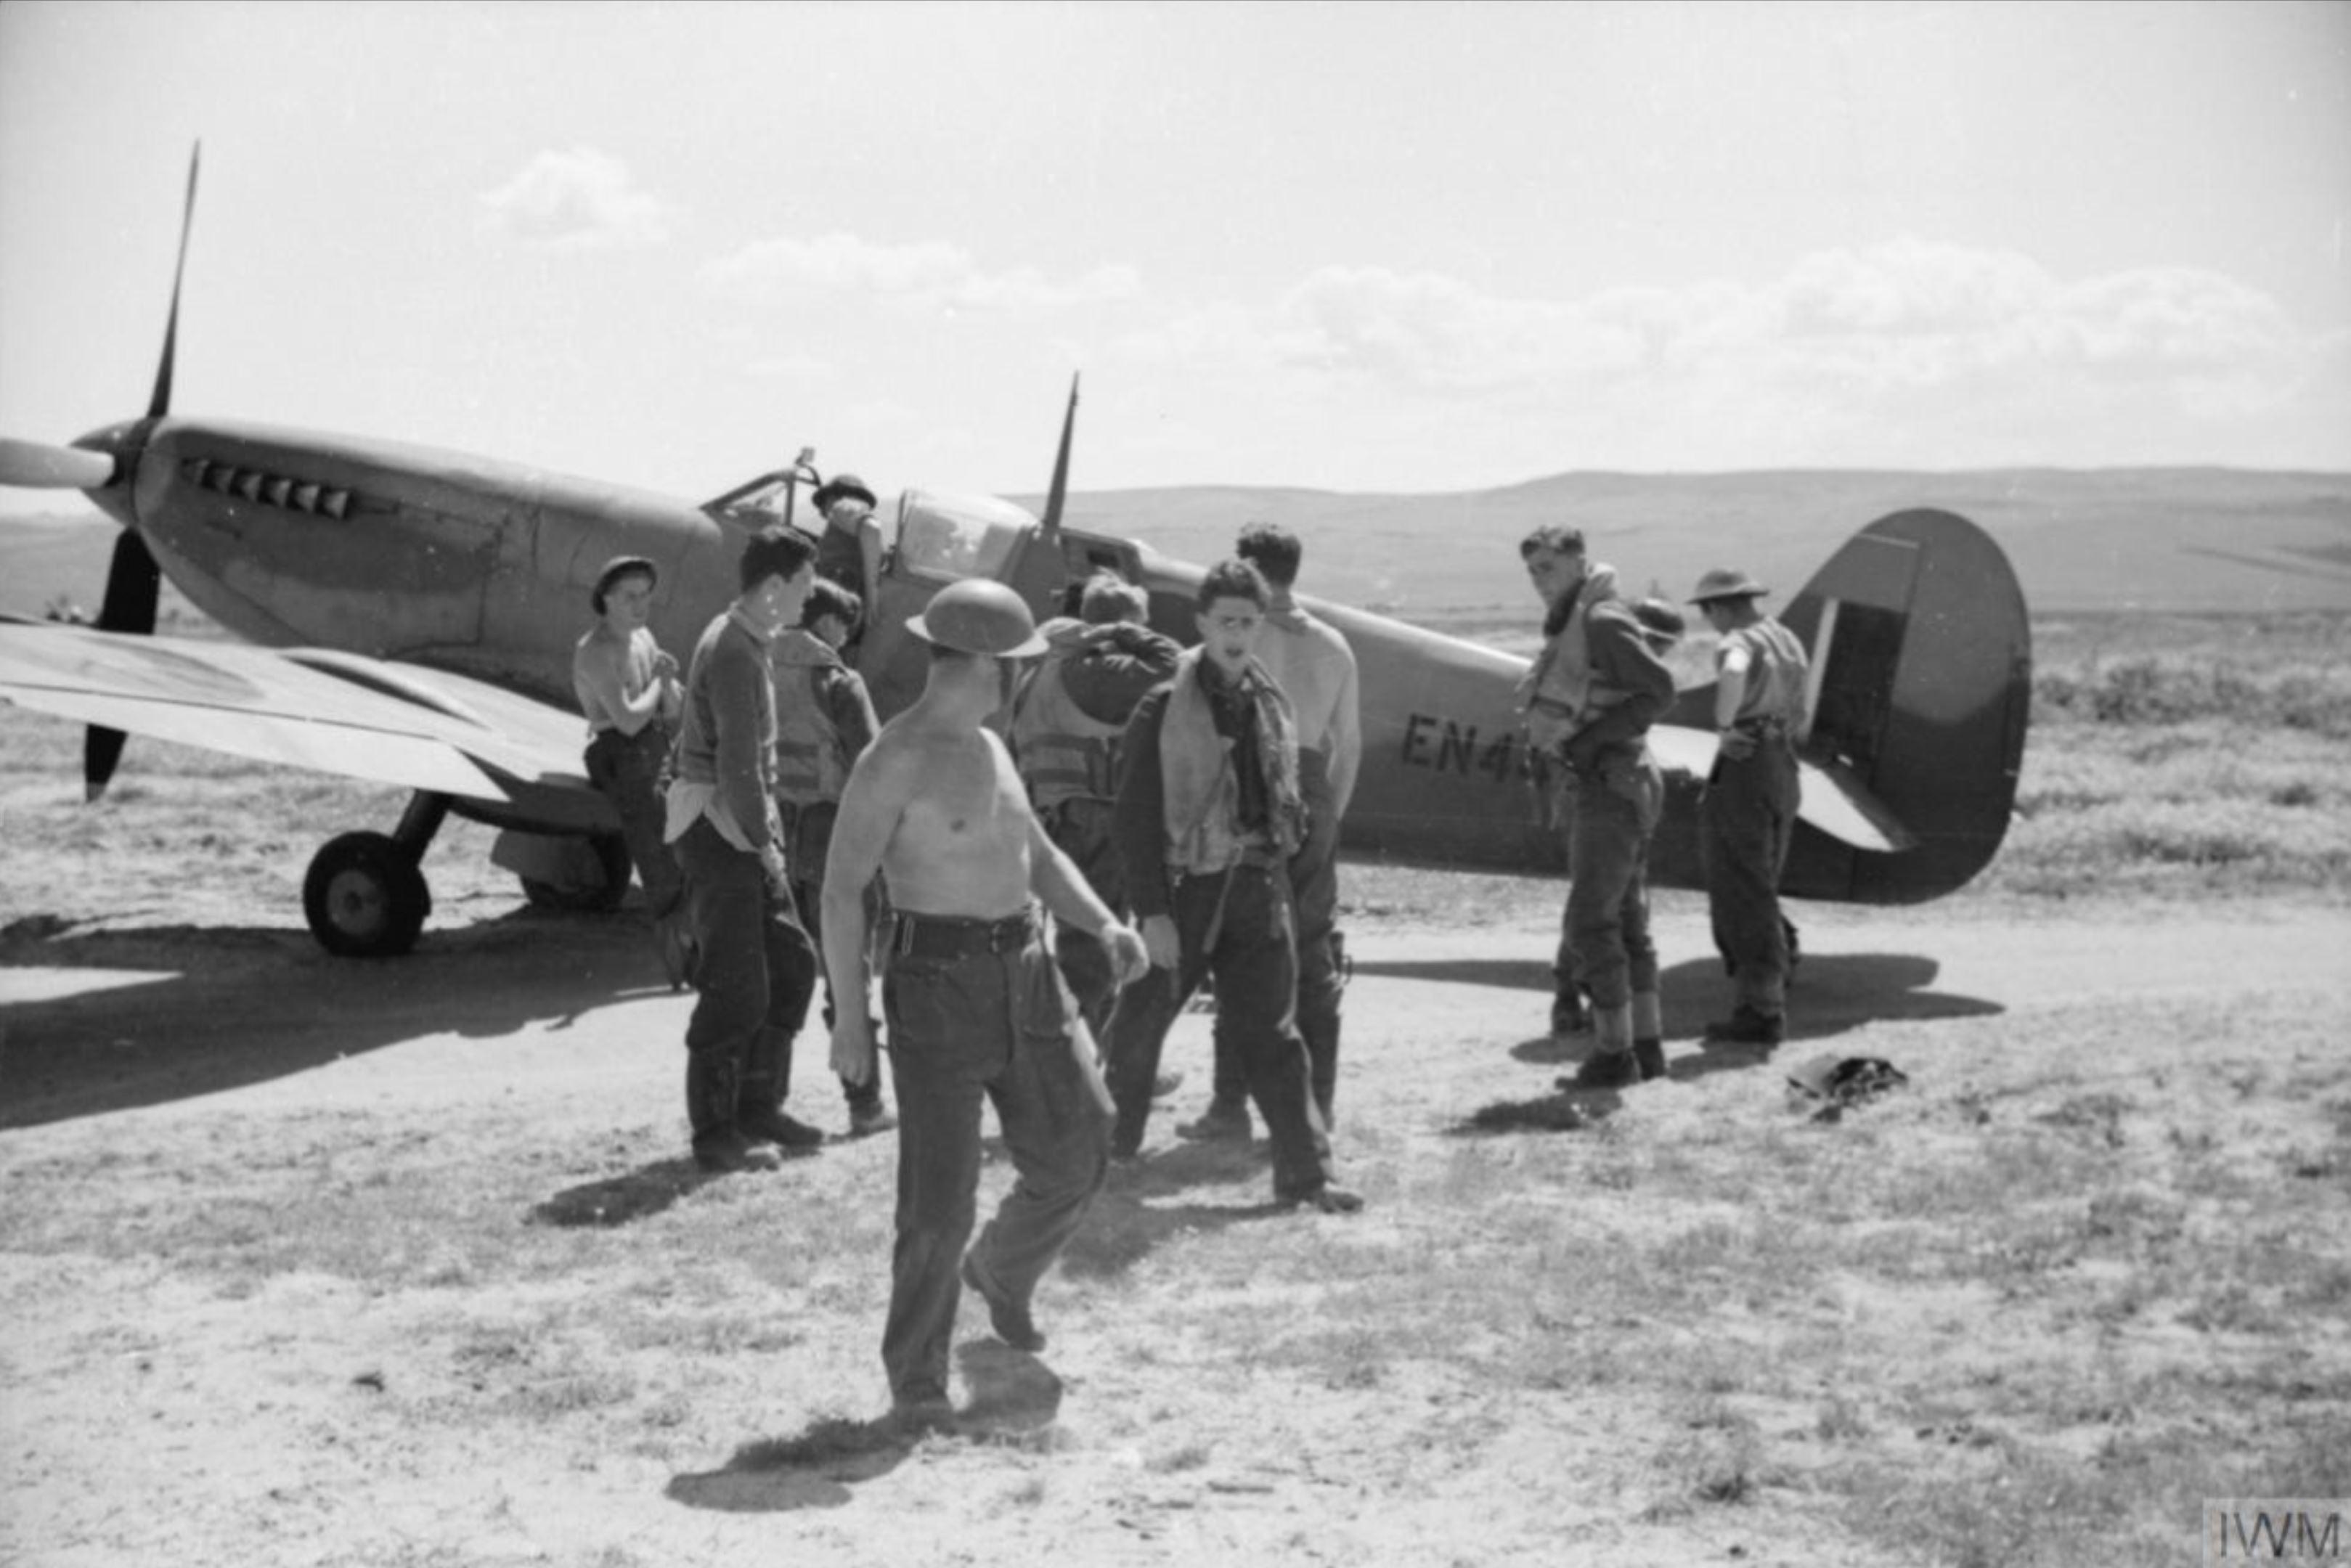 Spitfire MkIX RAF 81Sqn EN445 with Sqn Ldr CF Gray at Souk el Khemis Tunisia IWM CNA629